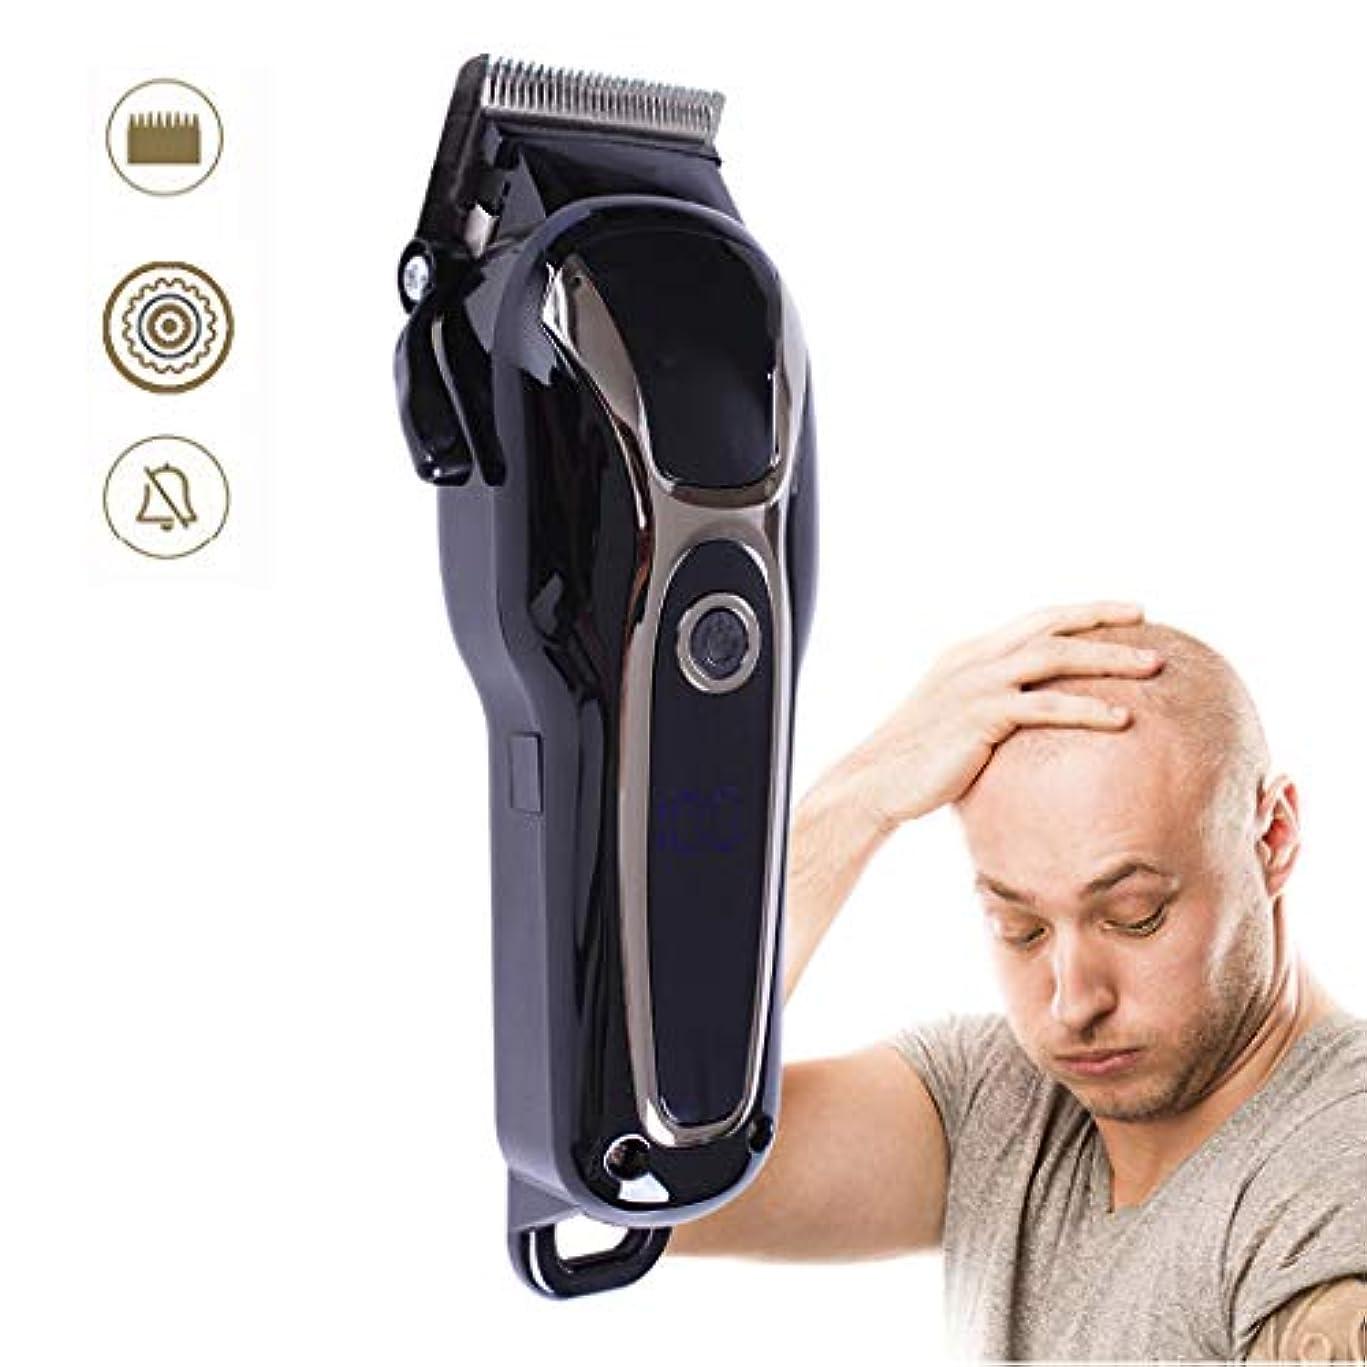 ながら加速度却下する男性プロフェッショナル向けのバリカン、セラミック防水トリマー静かな散髪家族の安全クリッパーバリカン